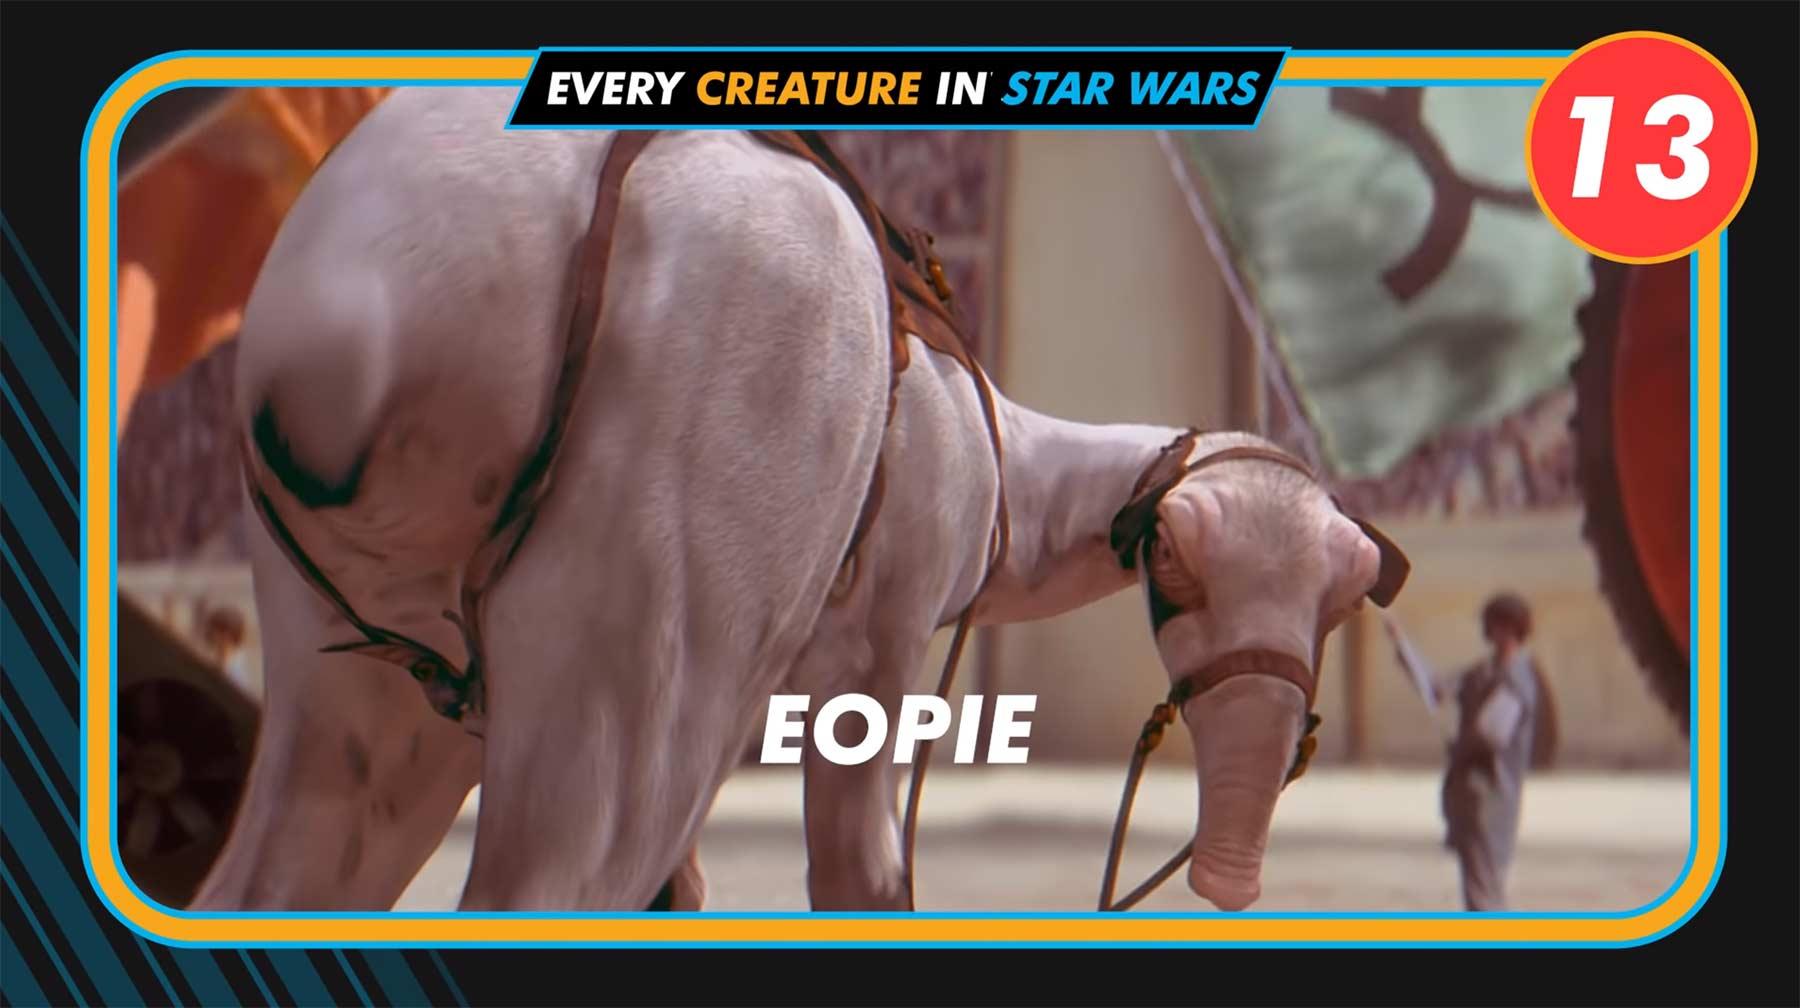 """Wie viele Kreaturen gibt es in den """"Star Wars""""-Filmen?"""